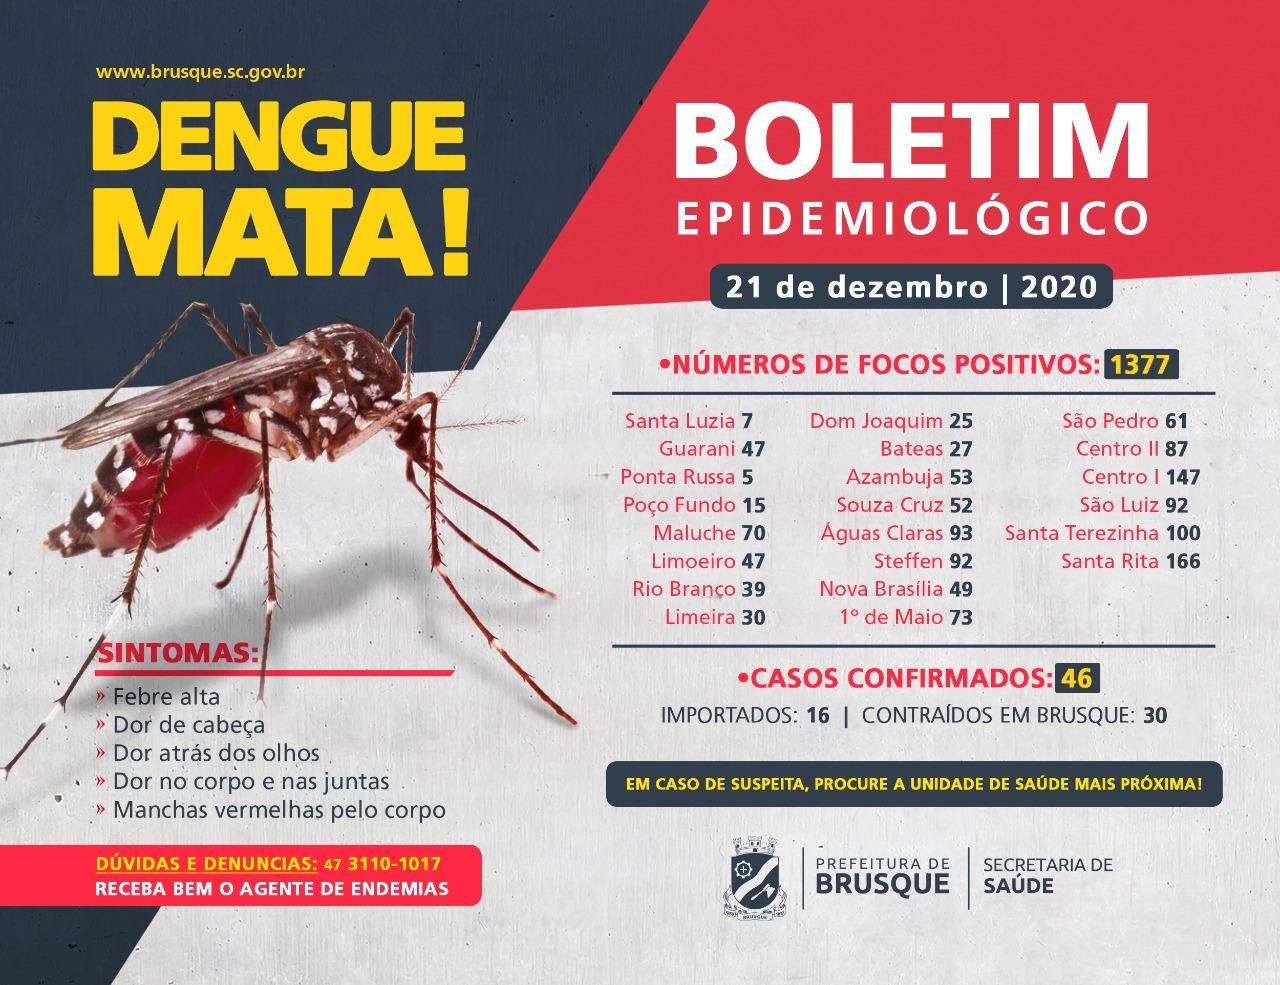 Confira o boletim epidemiológico da dengue desta segunda-feira (21)